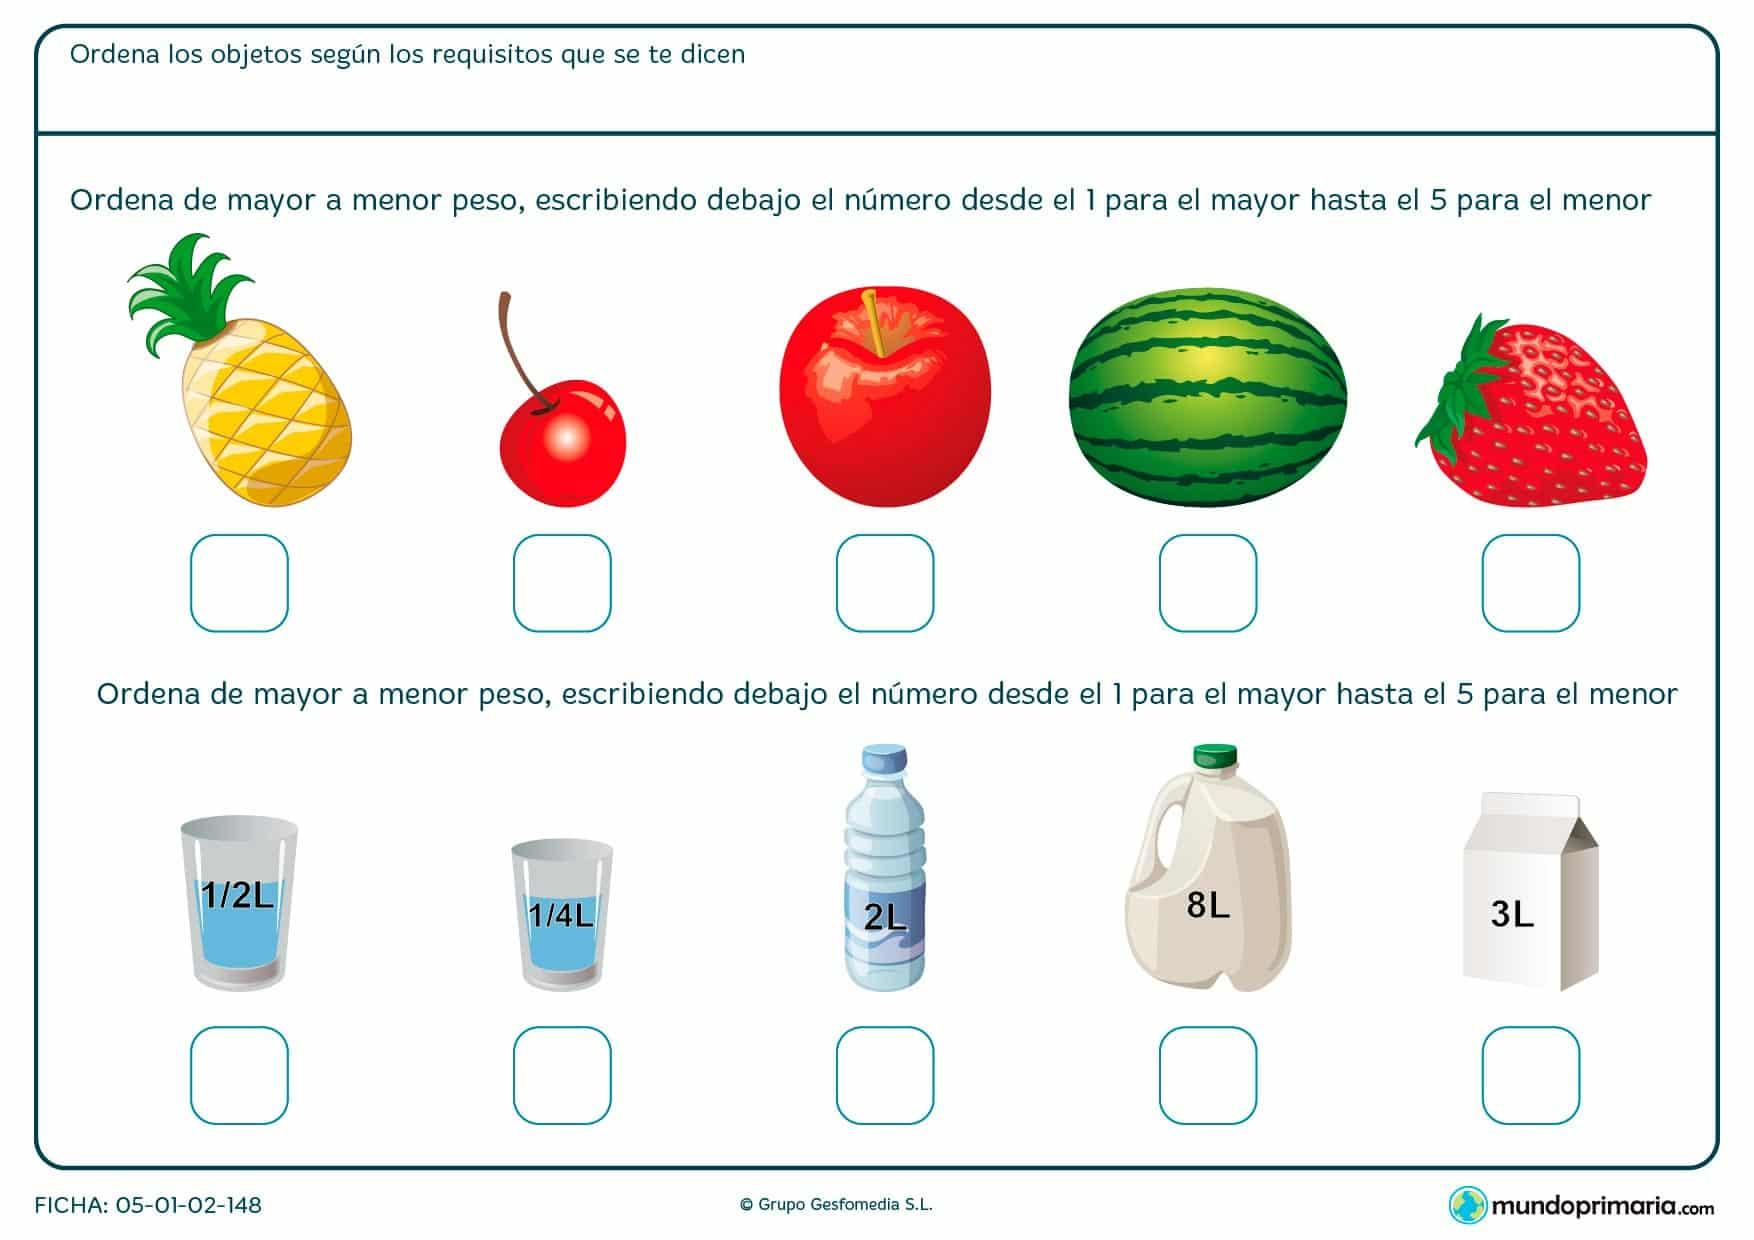 Observa estos objetos y ordénalos de mayor a menor según su peso.